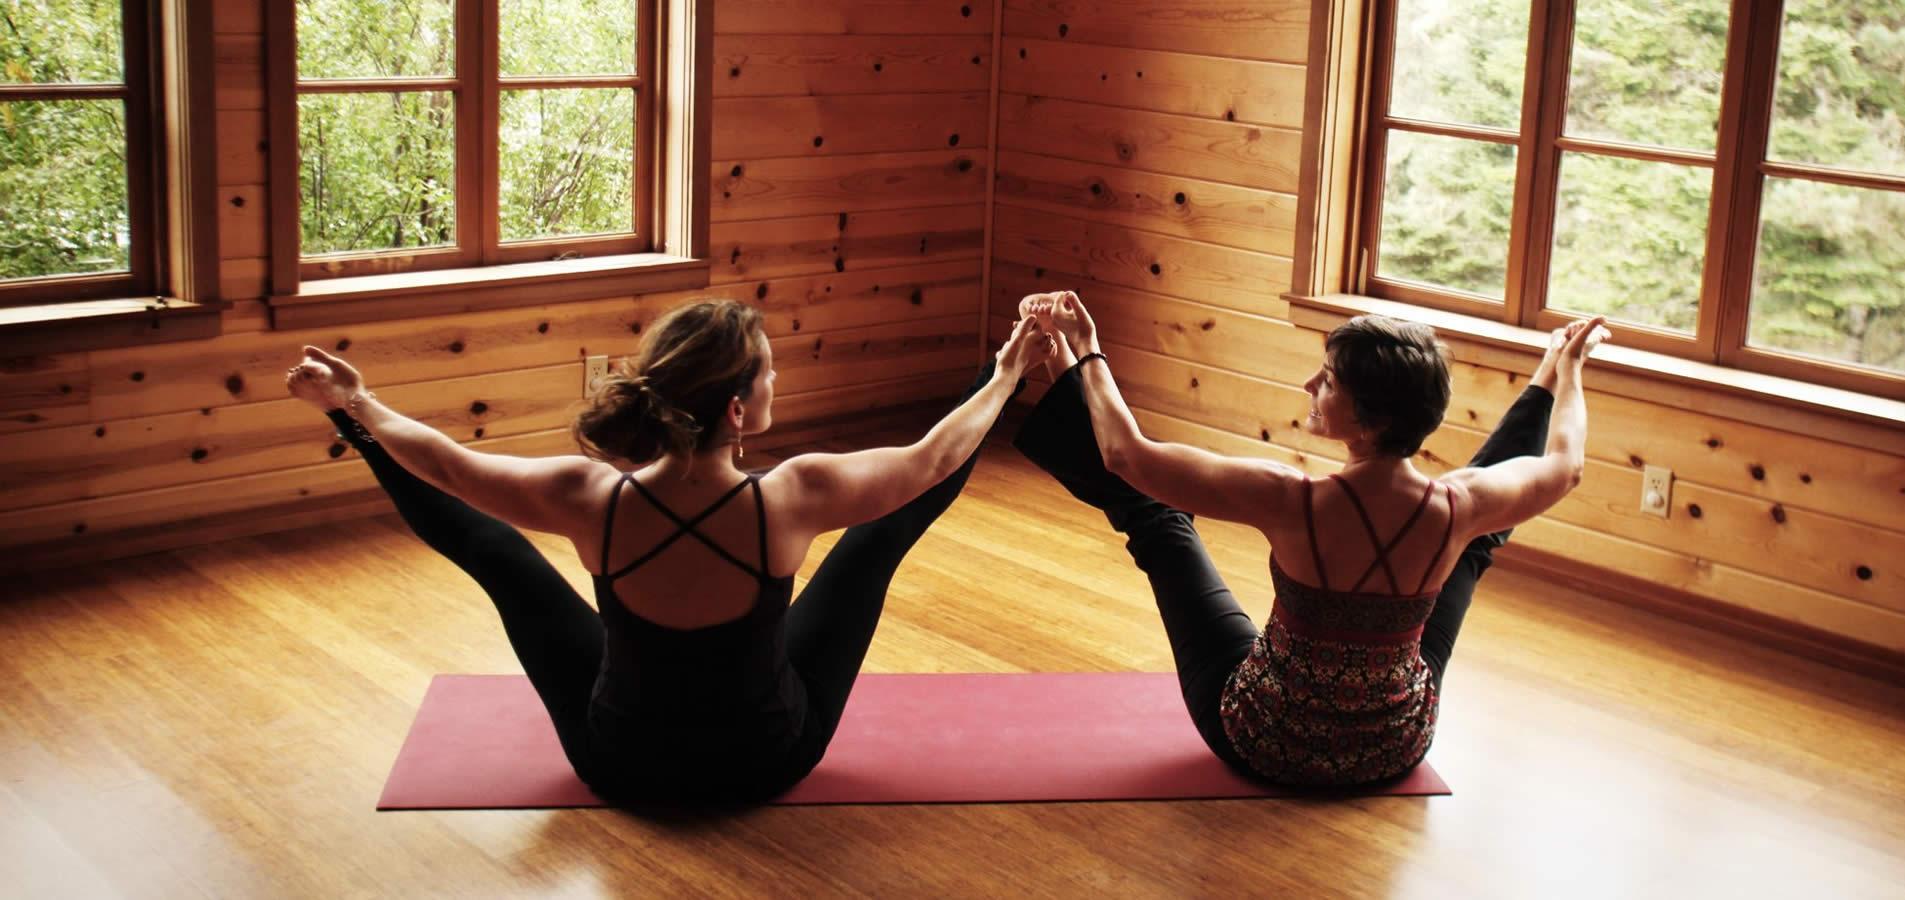 mendocino resort activities- two women doing yoga pose